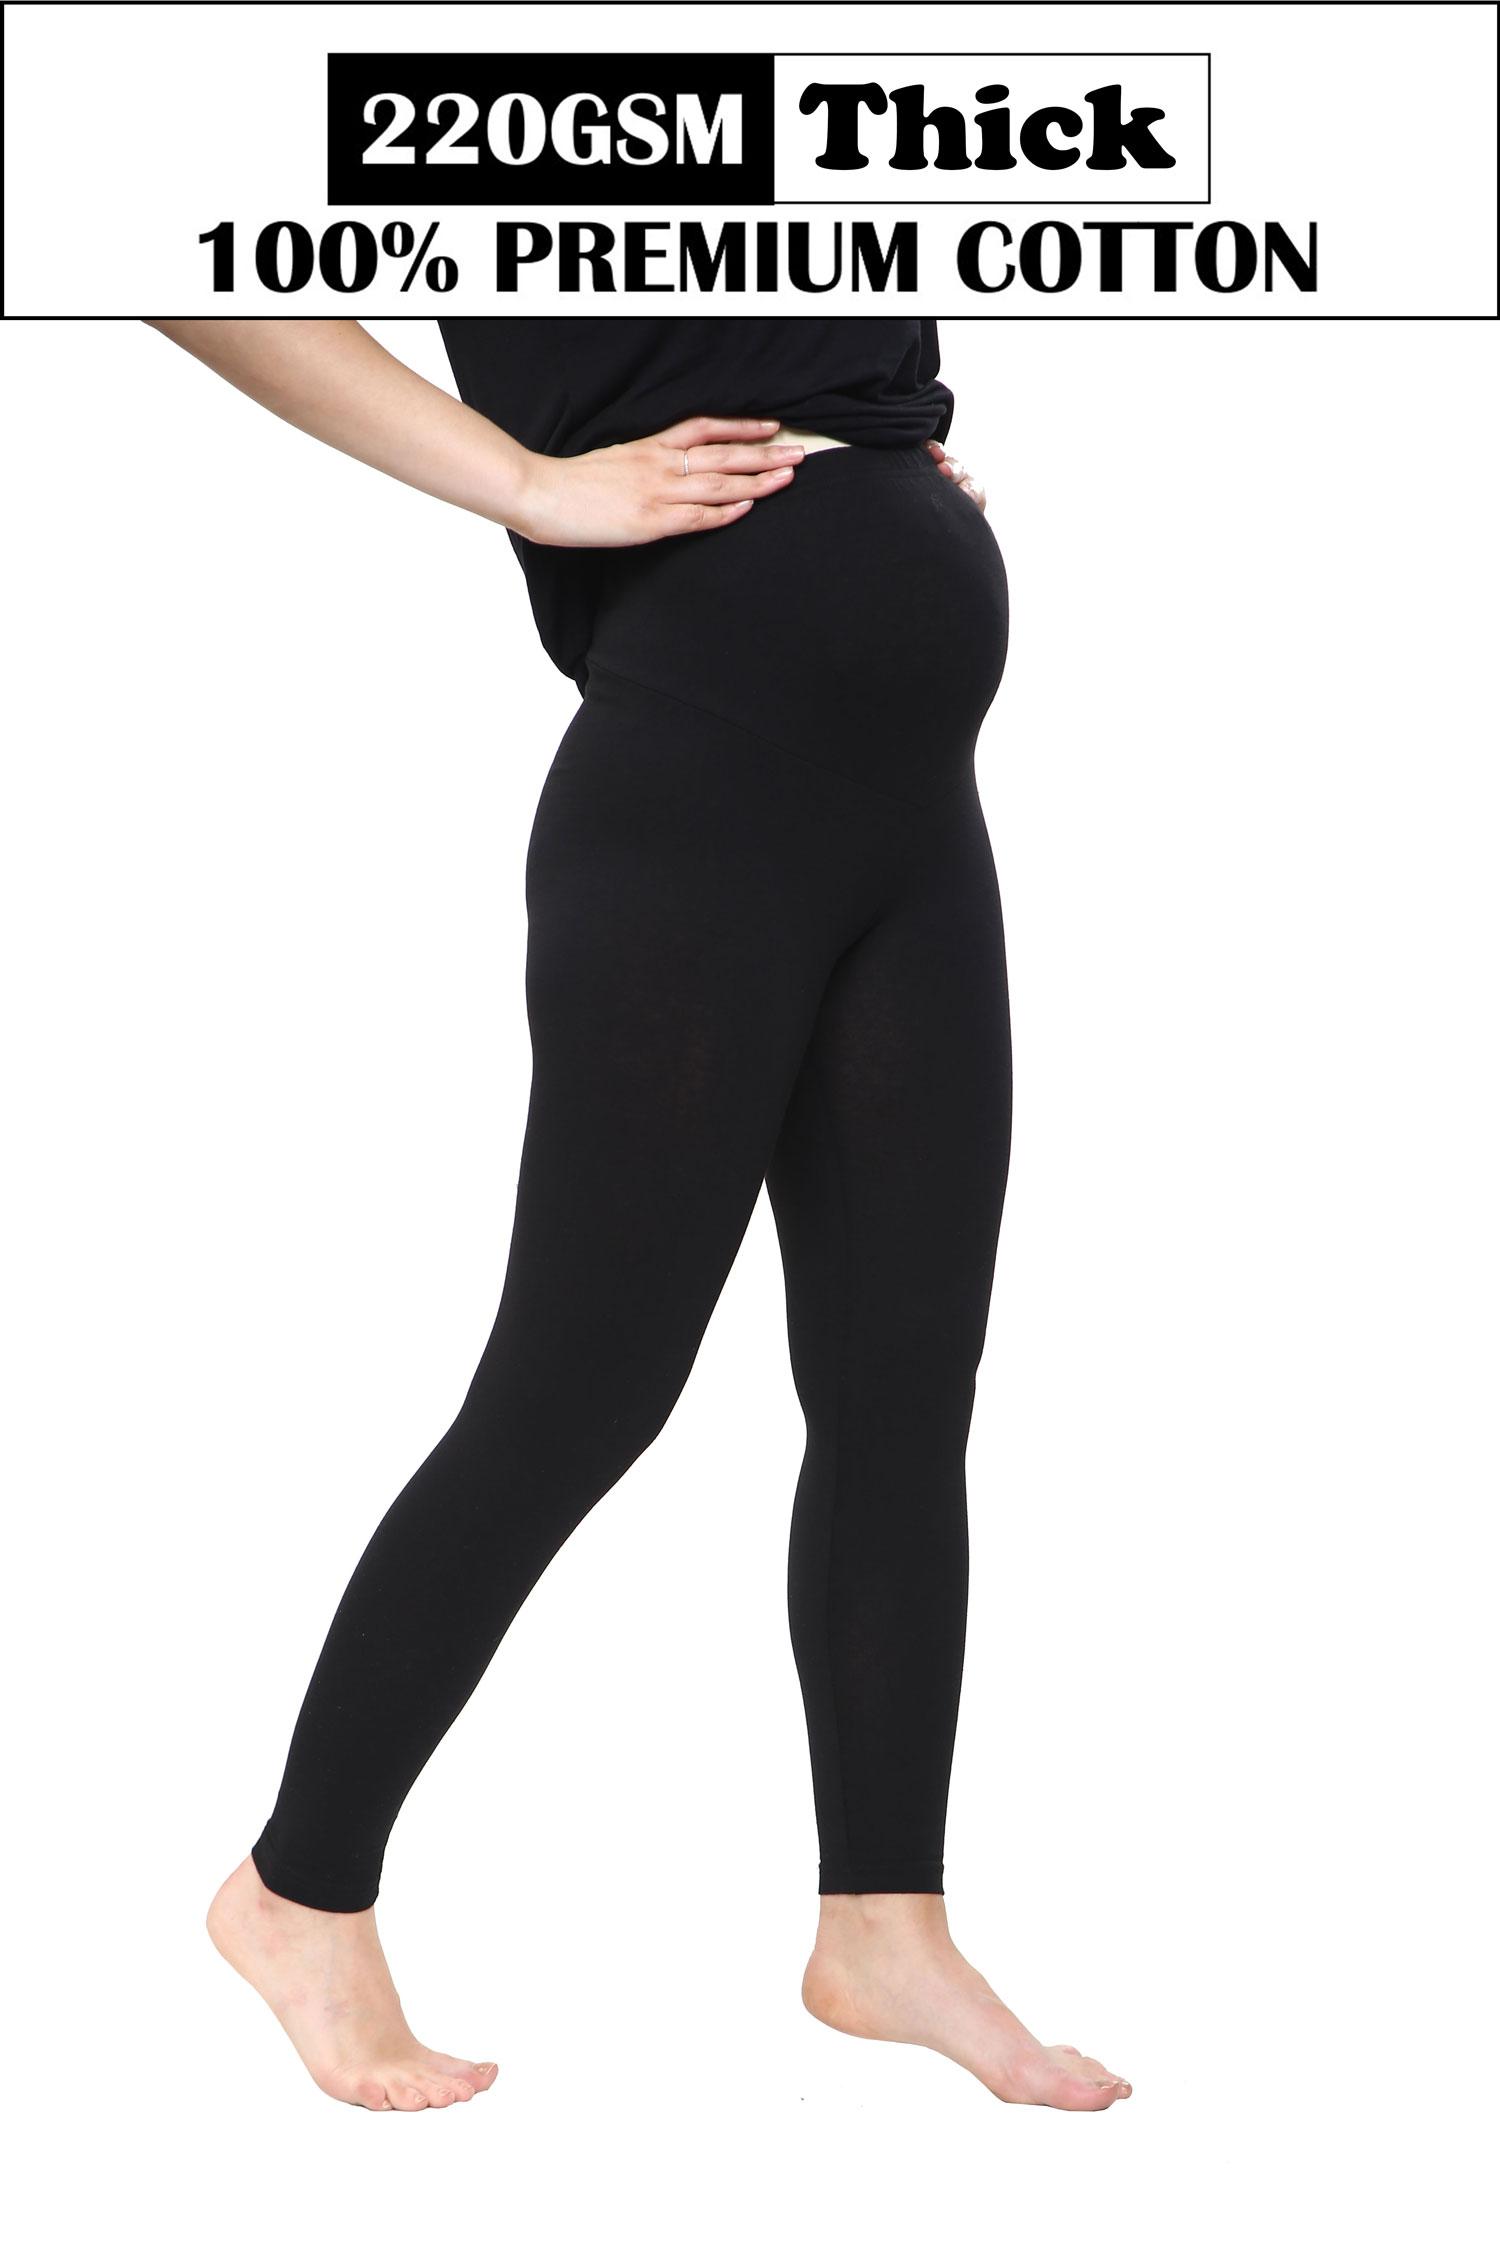 Women Maternity Full Length Black Thick Cotton Leggings (220-GSM)